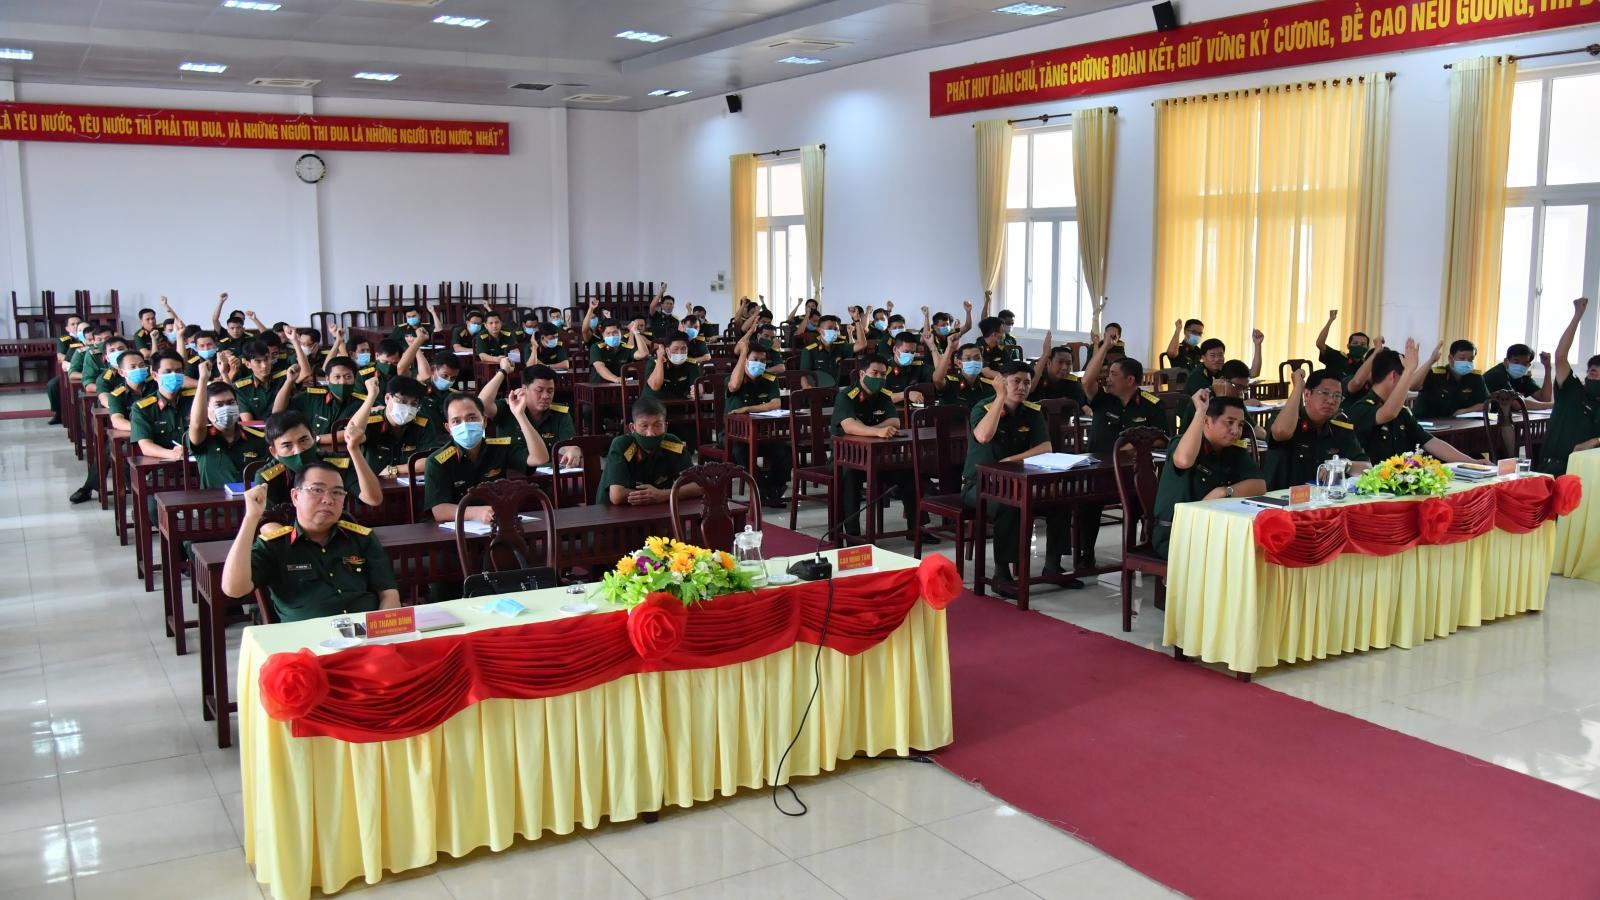 Bộ Chỉ huy quân sựtỉnhKiên Giang giới thiệu 2 cán bộ ứng cử đại biểu HĐND